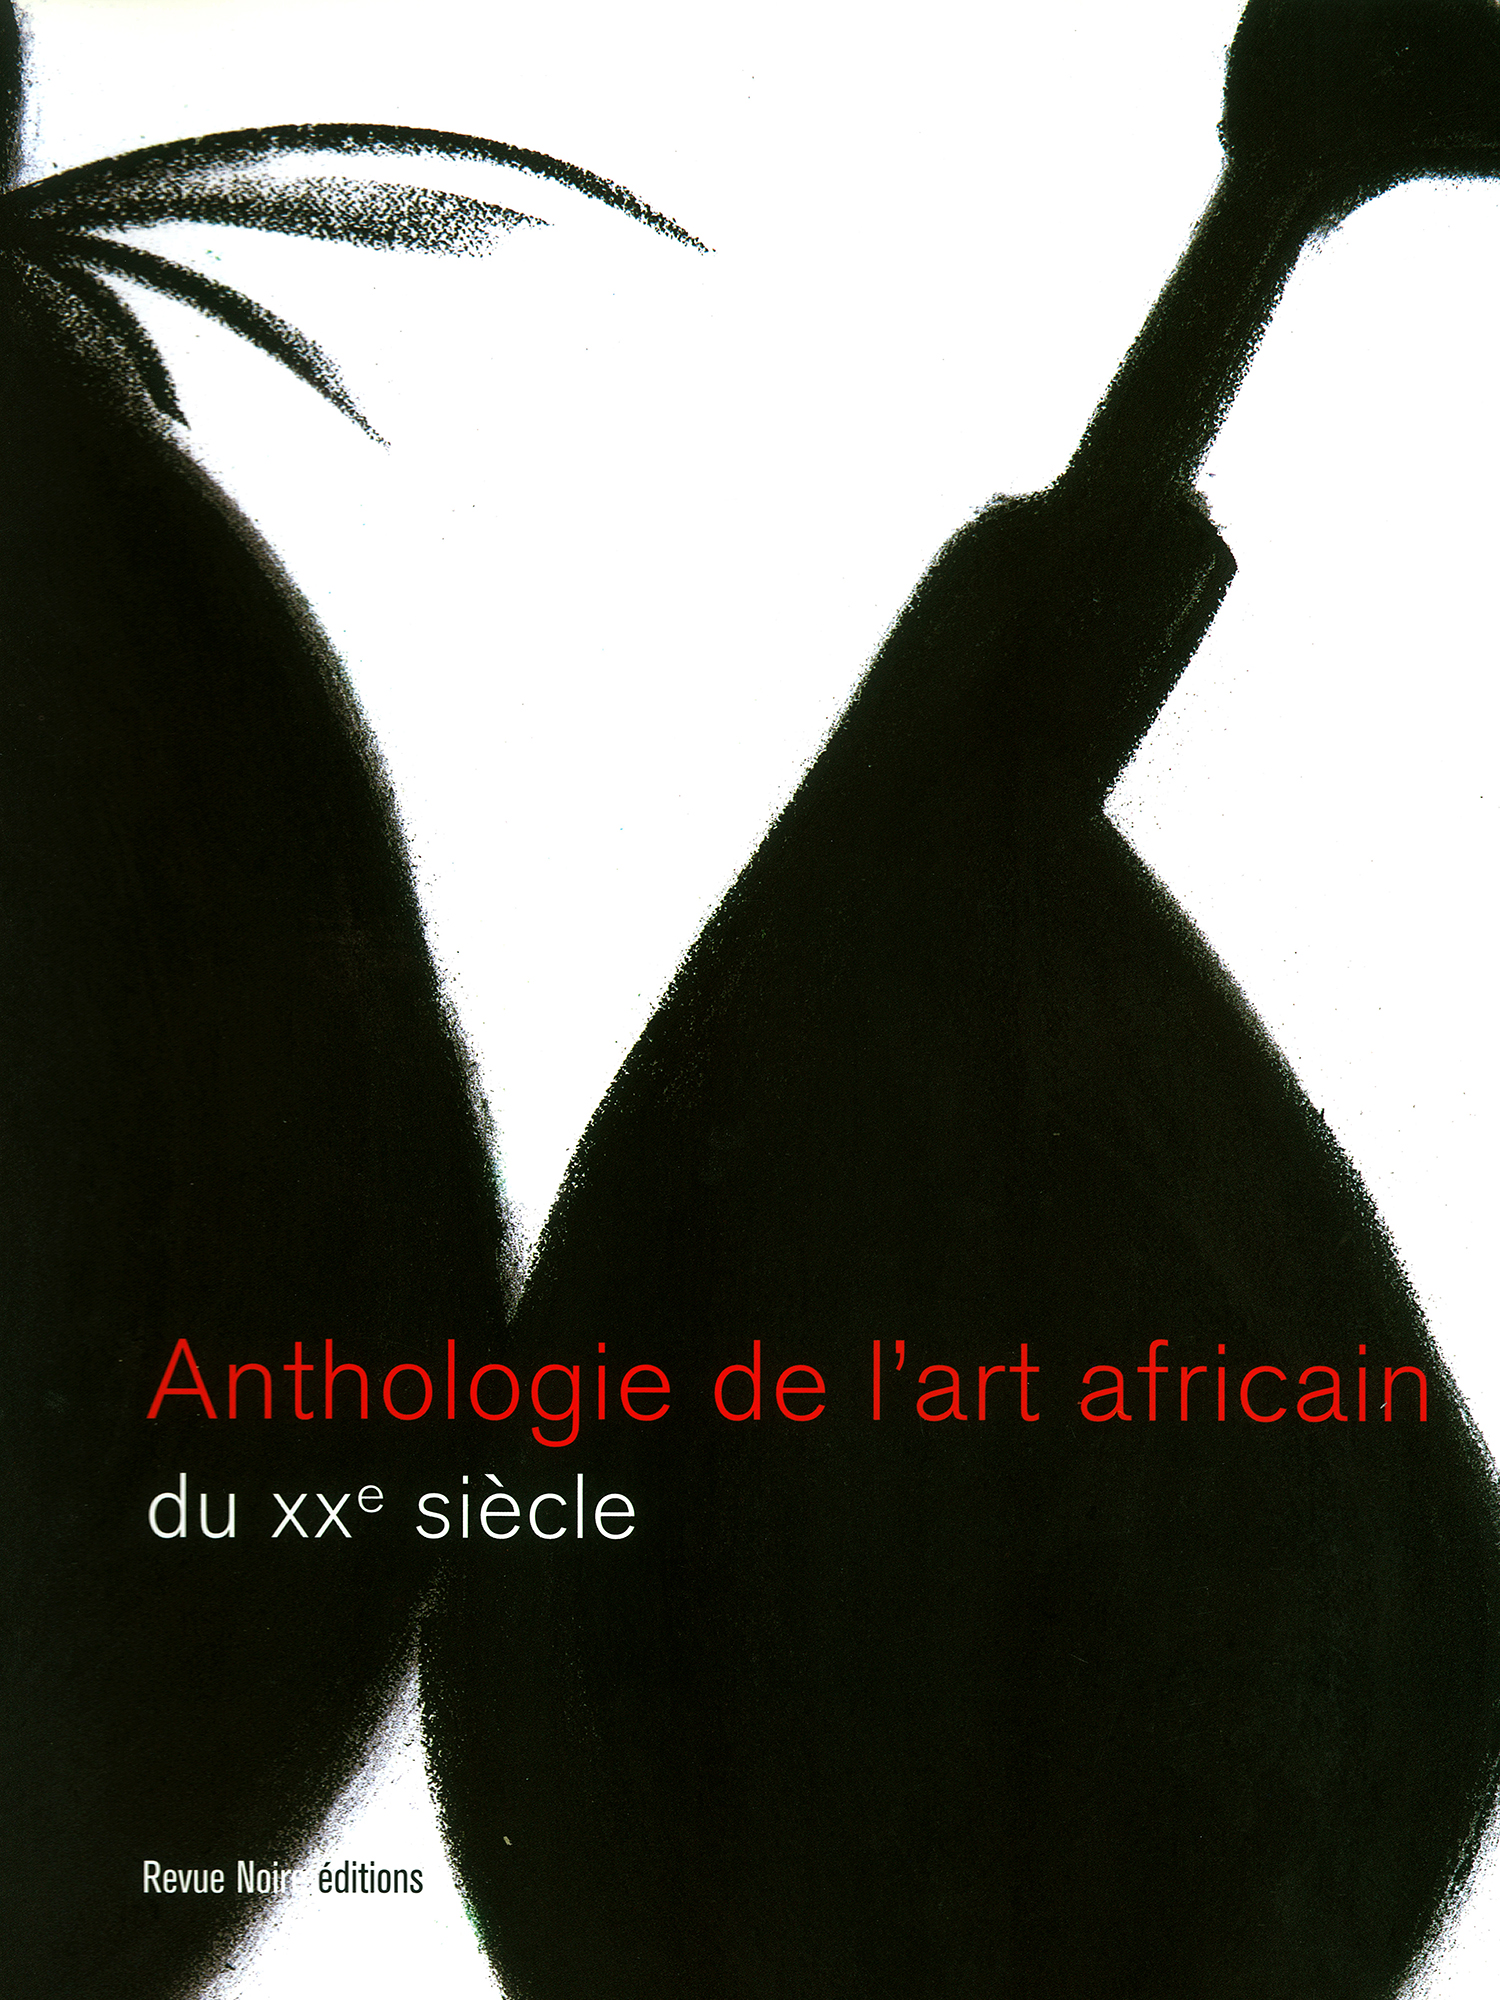 Livre 'Anthologie de l'Art Africain au XXe siècle', Revue Noire 2001